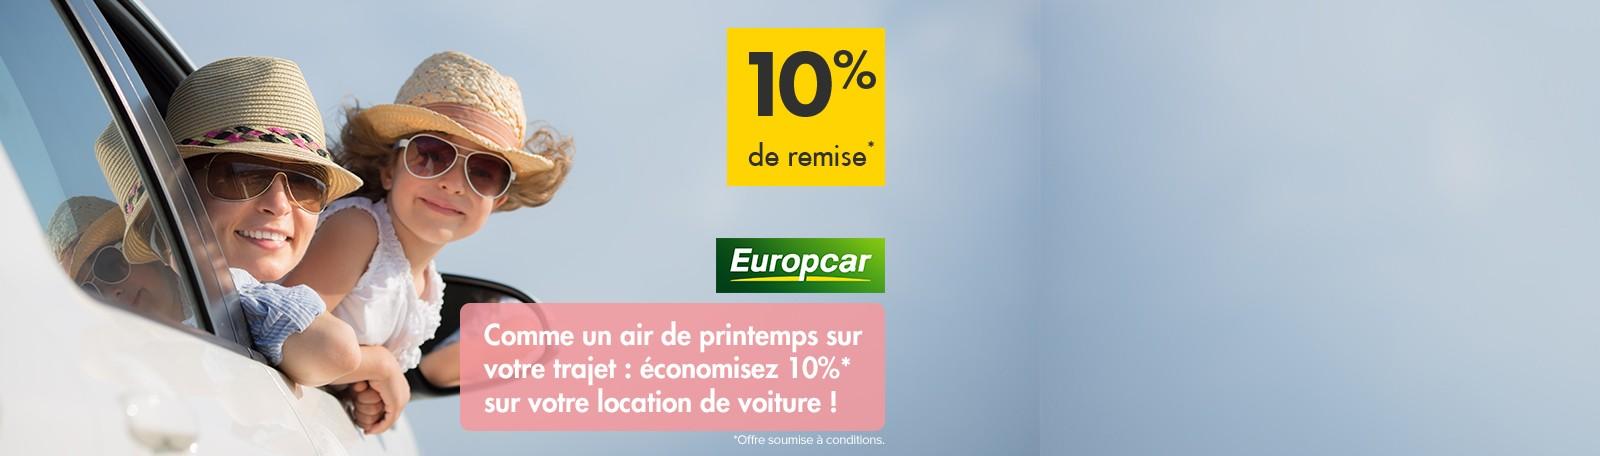 Offre Europcar 2019 : 10% de réduction